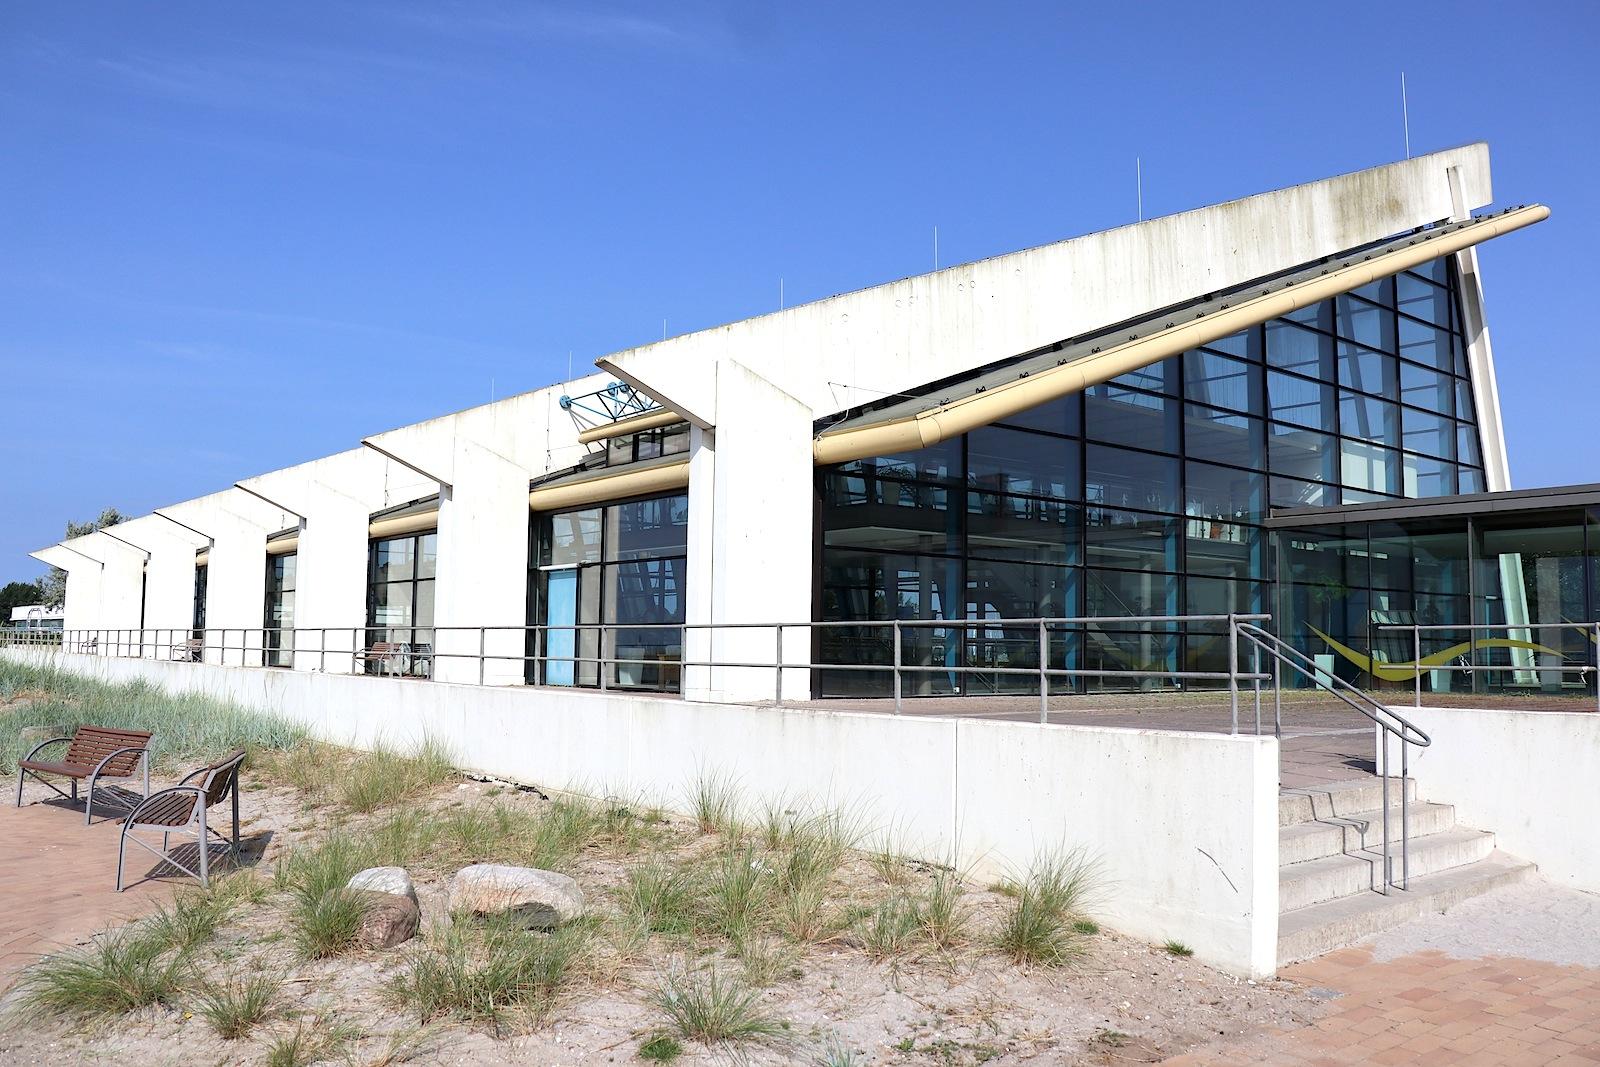 Das Meerwasserwellenbad. war der letzte Bau des Ensembles, der fertiggestellt wurde.